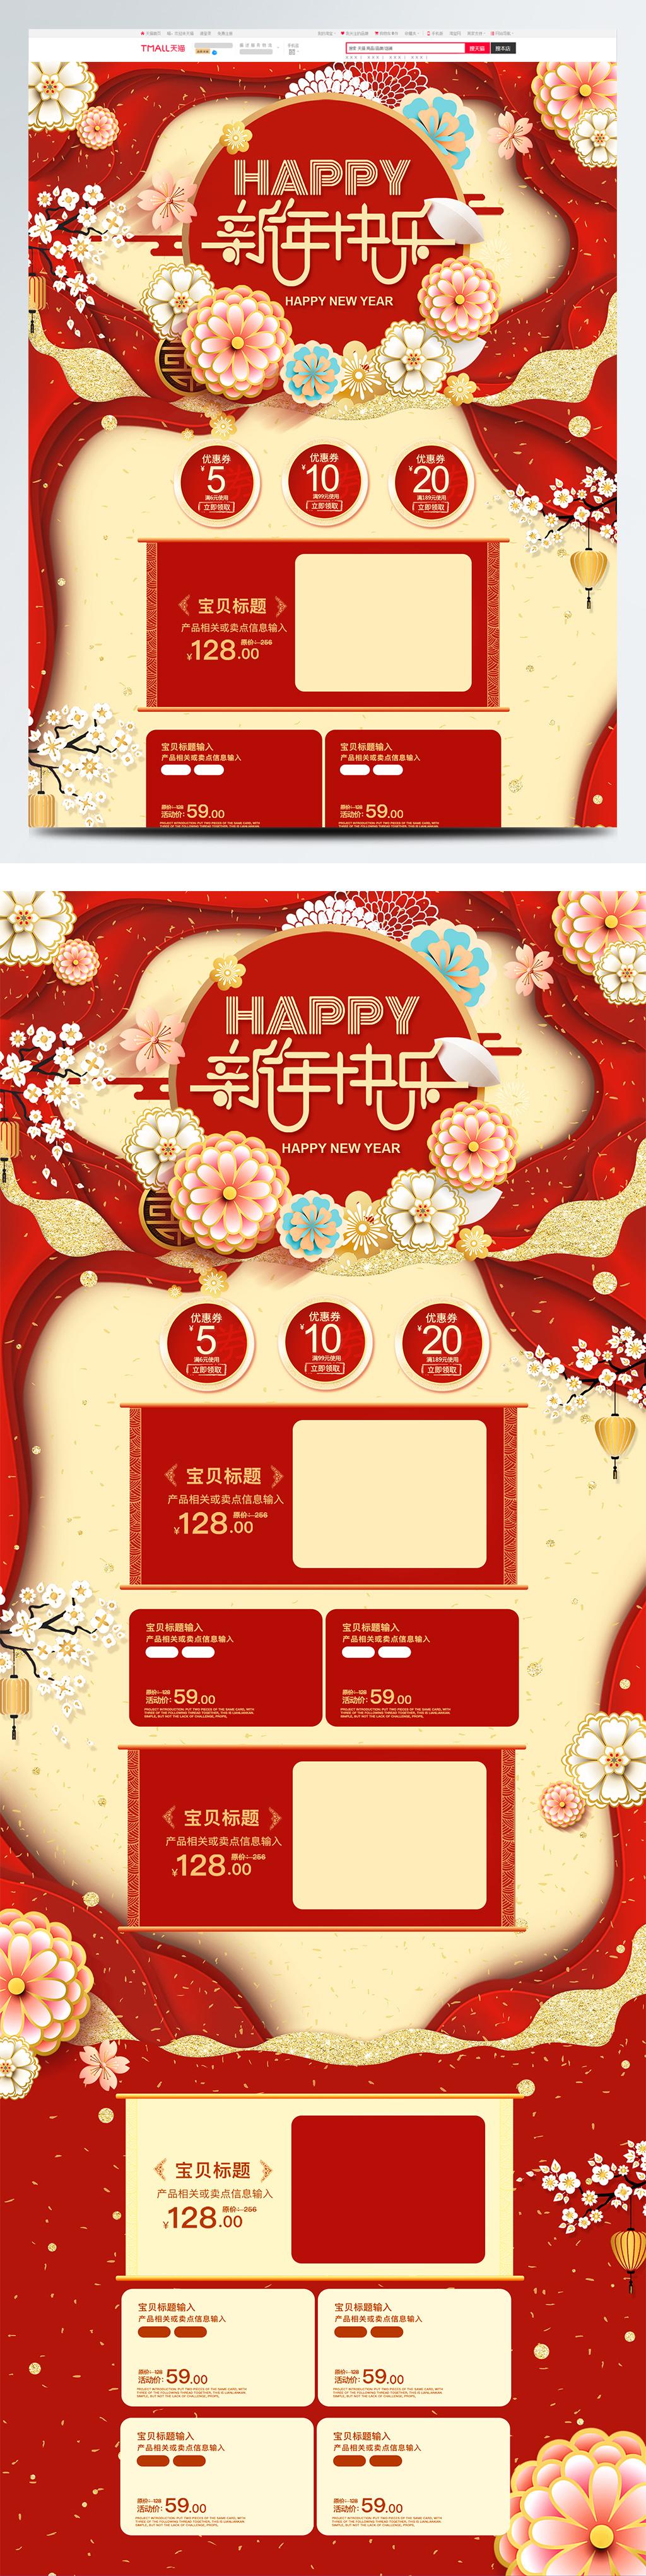 新年红色中国剪纸风电商首页模板2020新春新年春节立体字